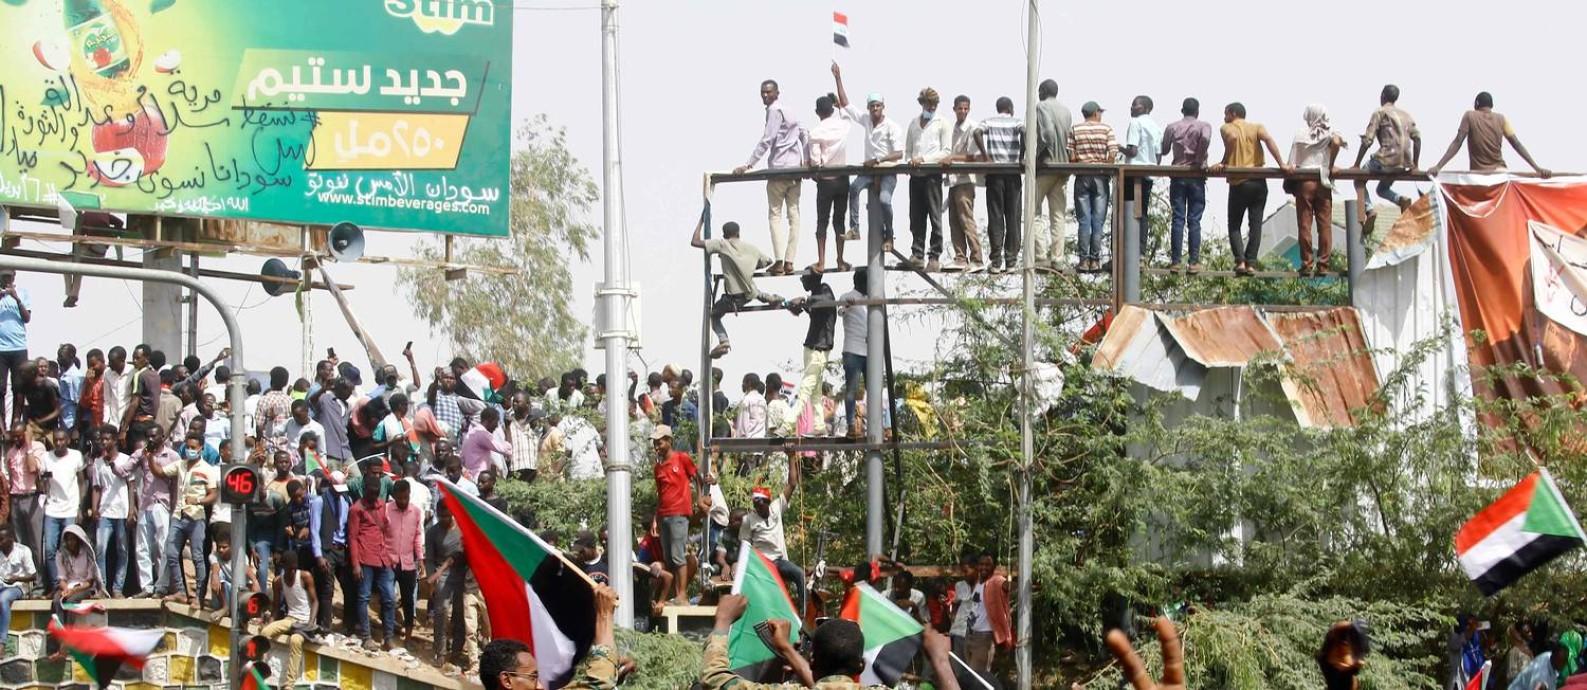 Manifestantes sudaneses celebram derrubada de ditador Bashir, em Cartum Foto: ASHRAF SHAZLY 11-04-2019 / AFP